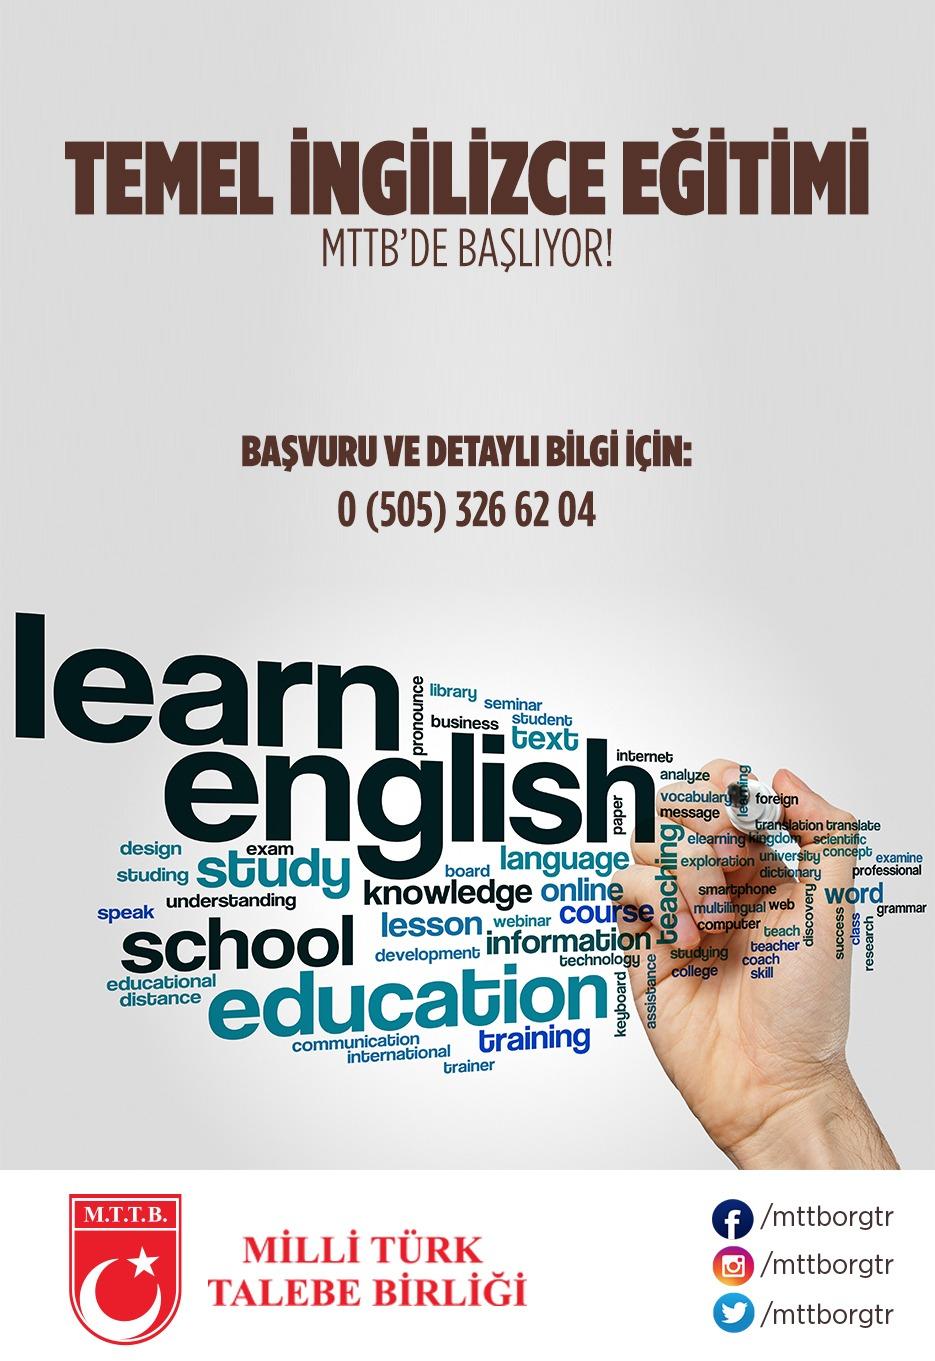 Temel İngilizce Eğitim Kursu